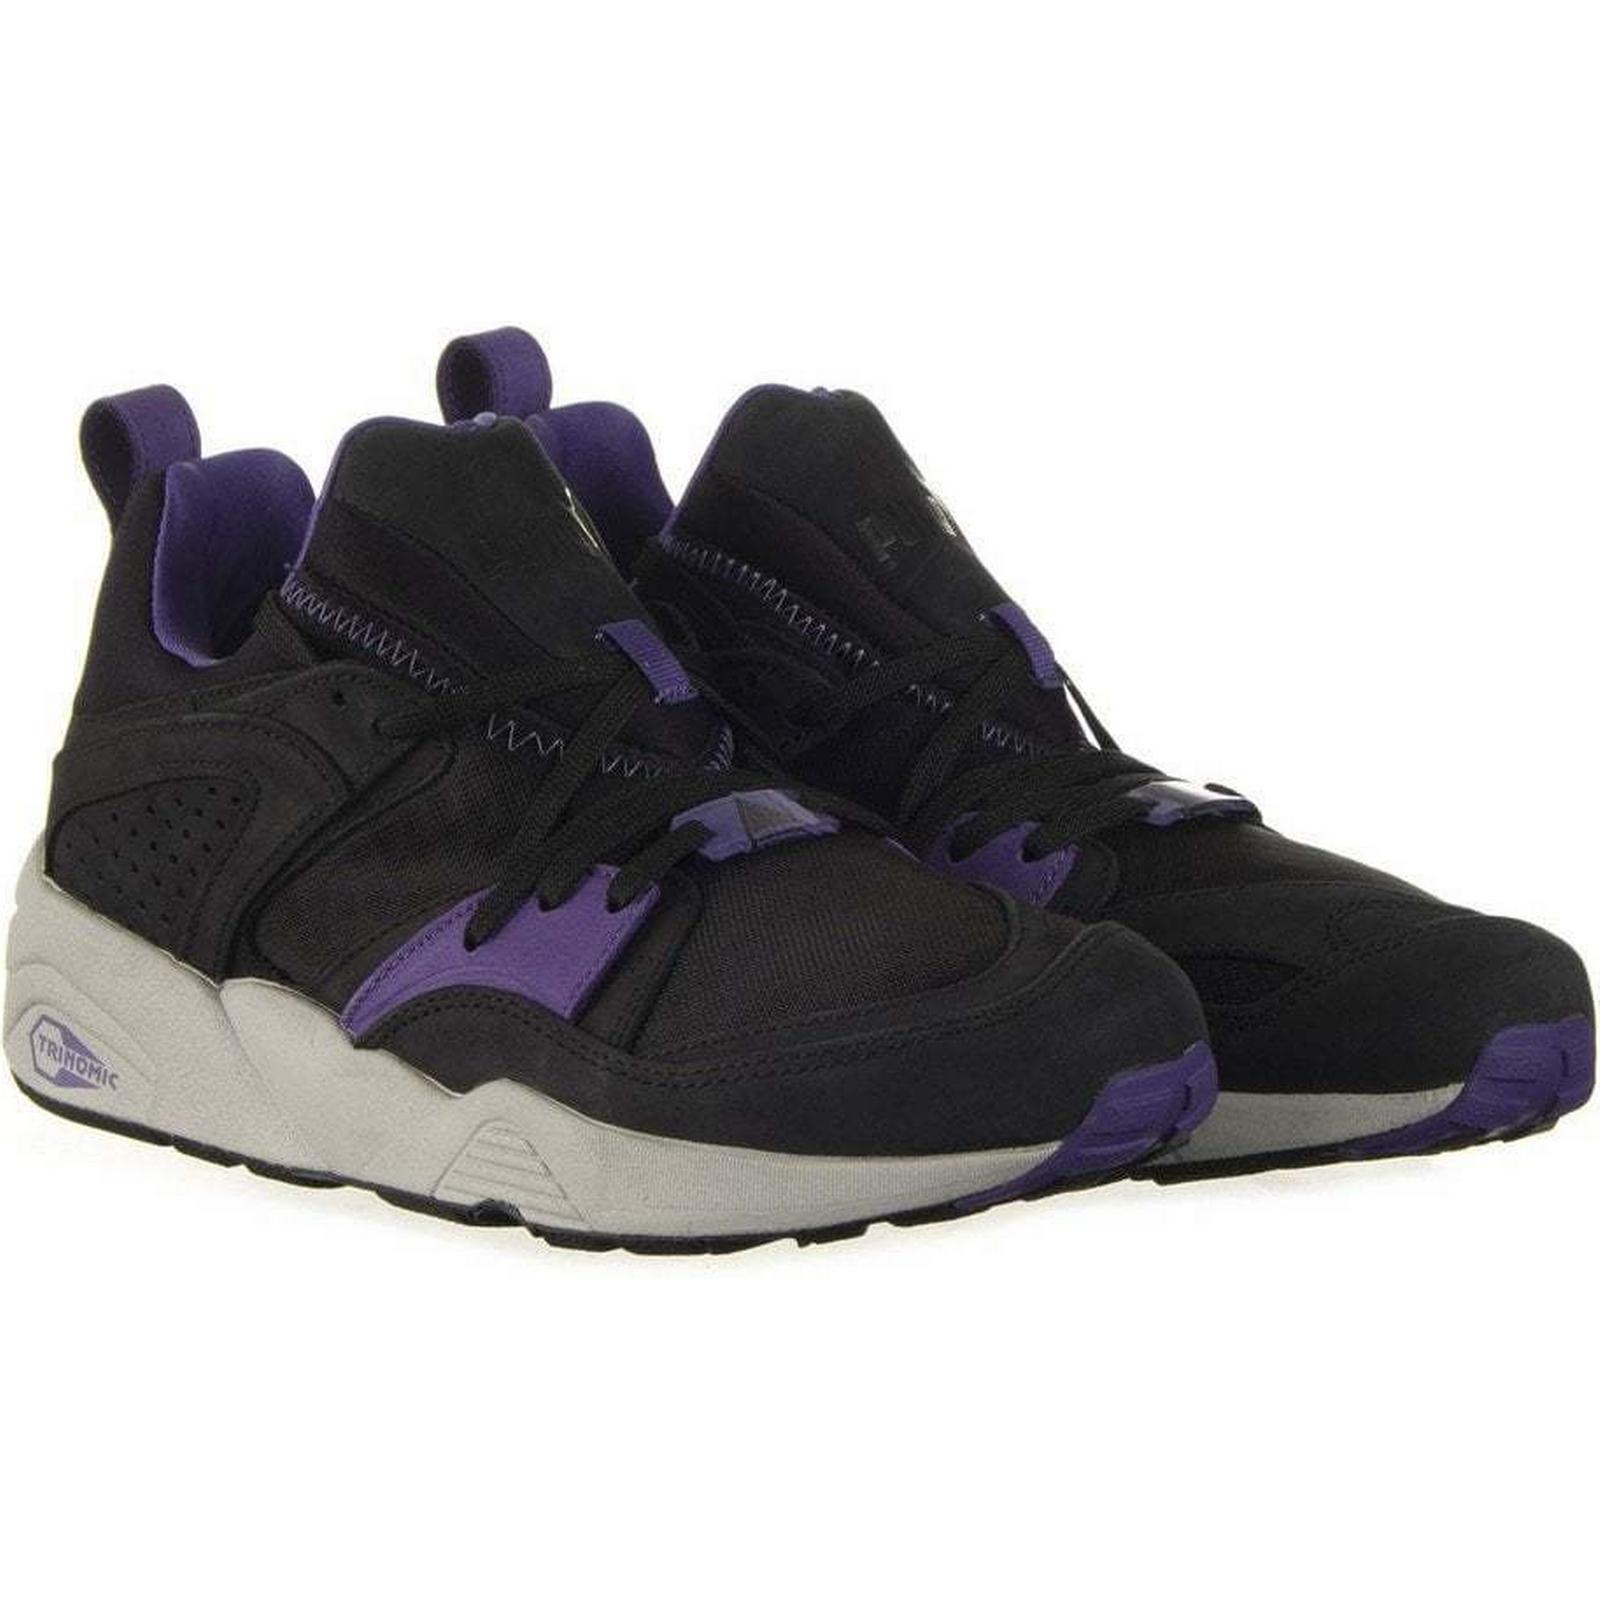 Puma Blaze of Glory Shoes - UK Black (Crackle Pack) Size: UK - 8, Colour: B 039ed9